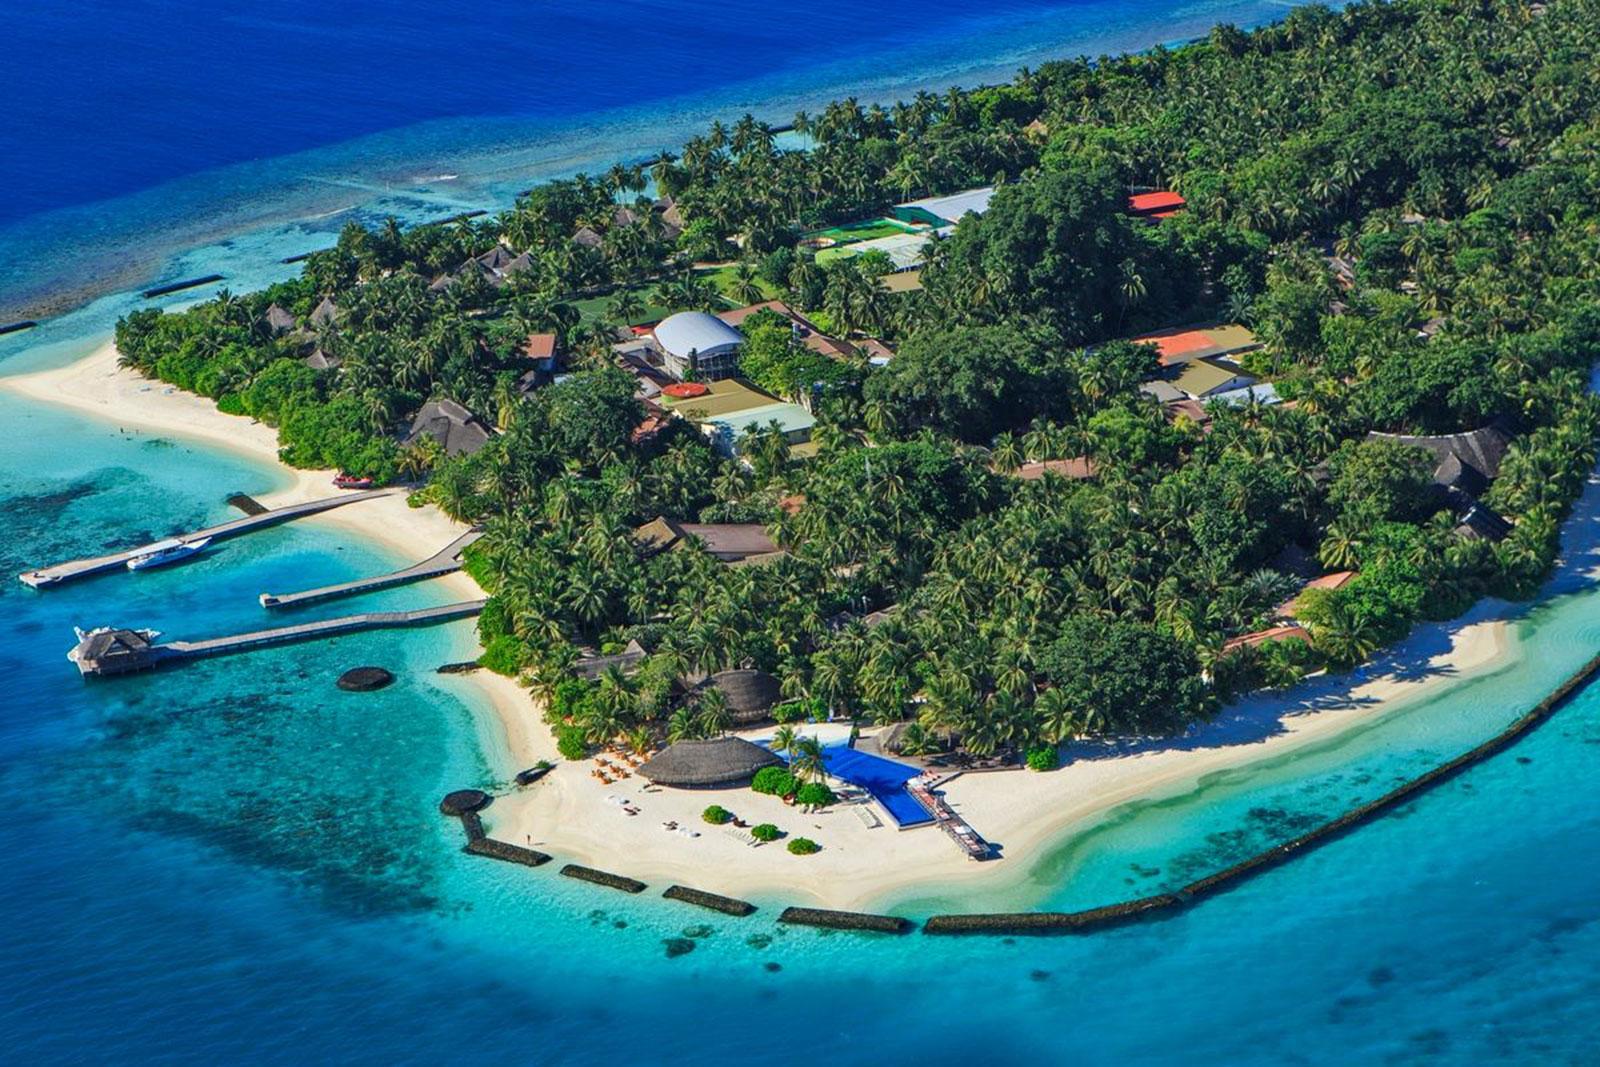 Lagoon Island Resort Uganda